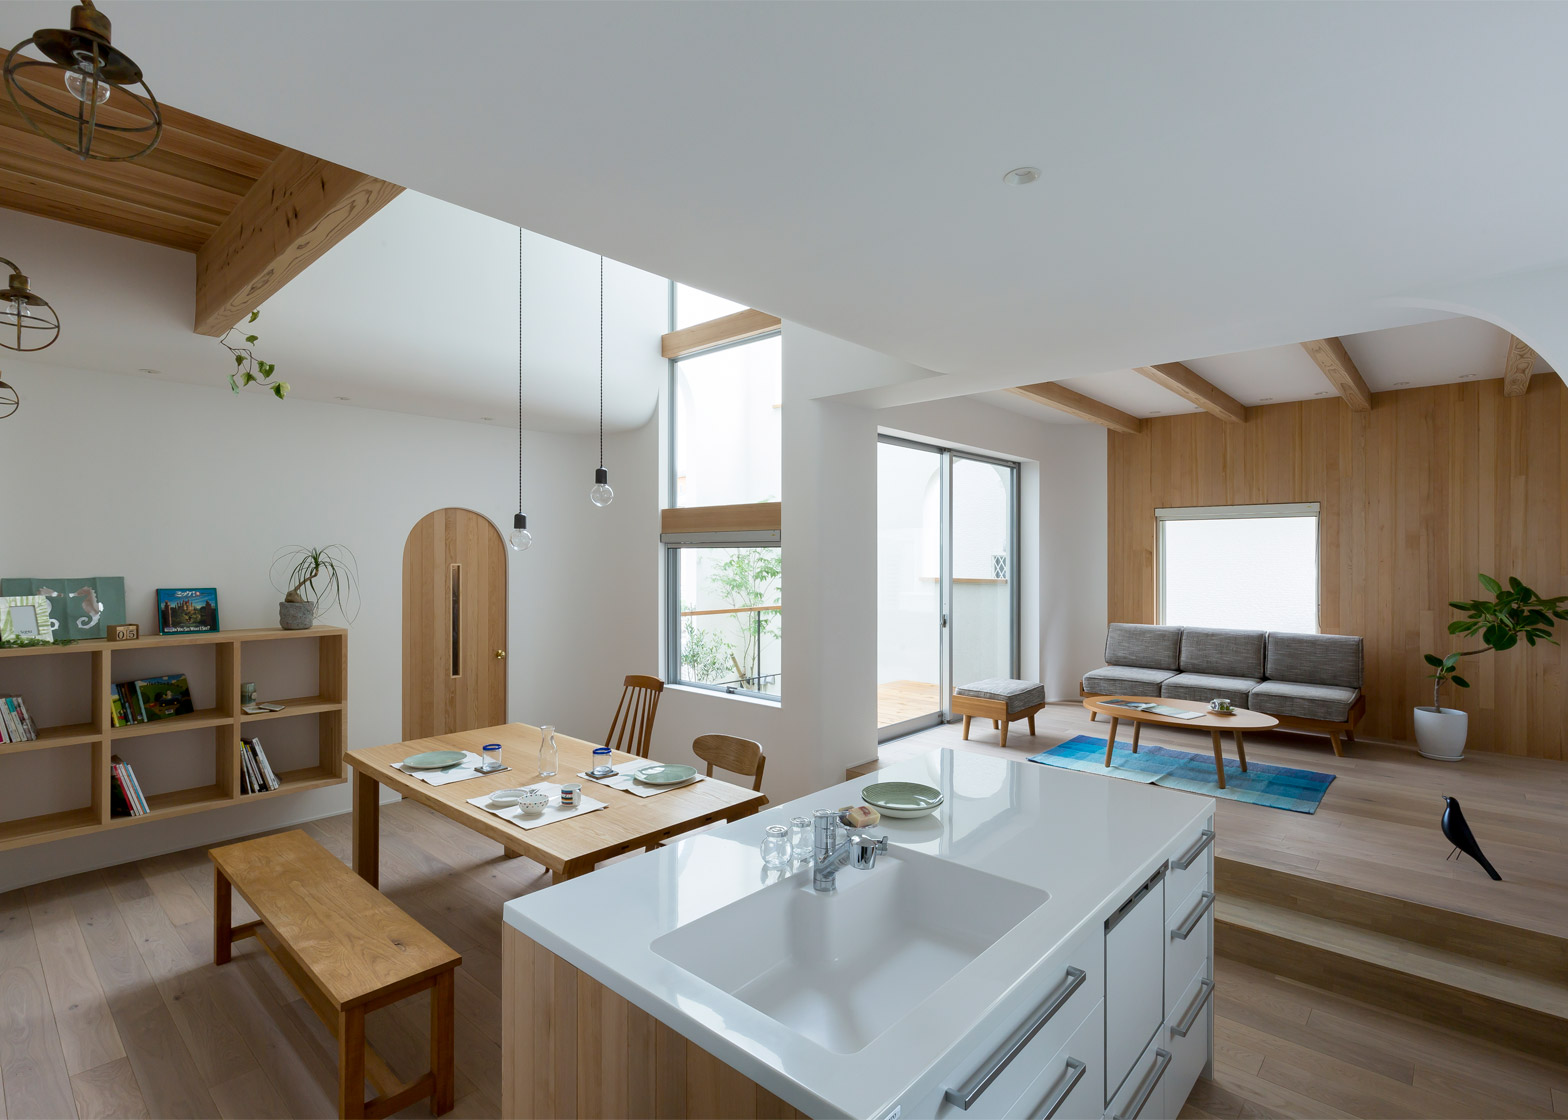 Casa In Giappone Con Dettagli Architettonici E Arredi Curvi By Alts